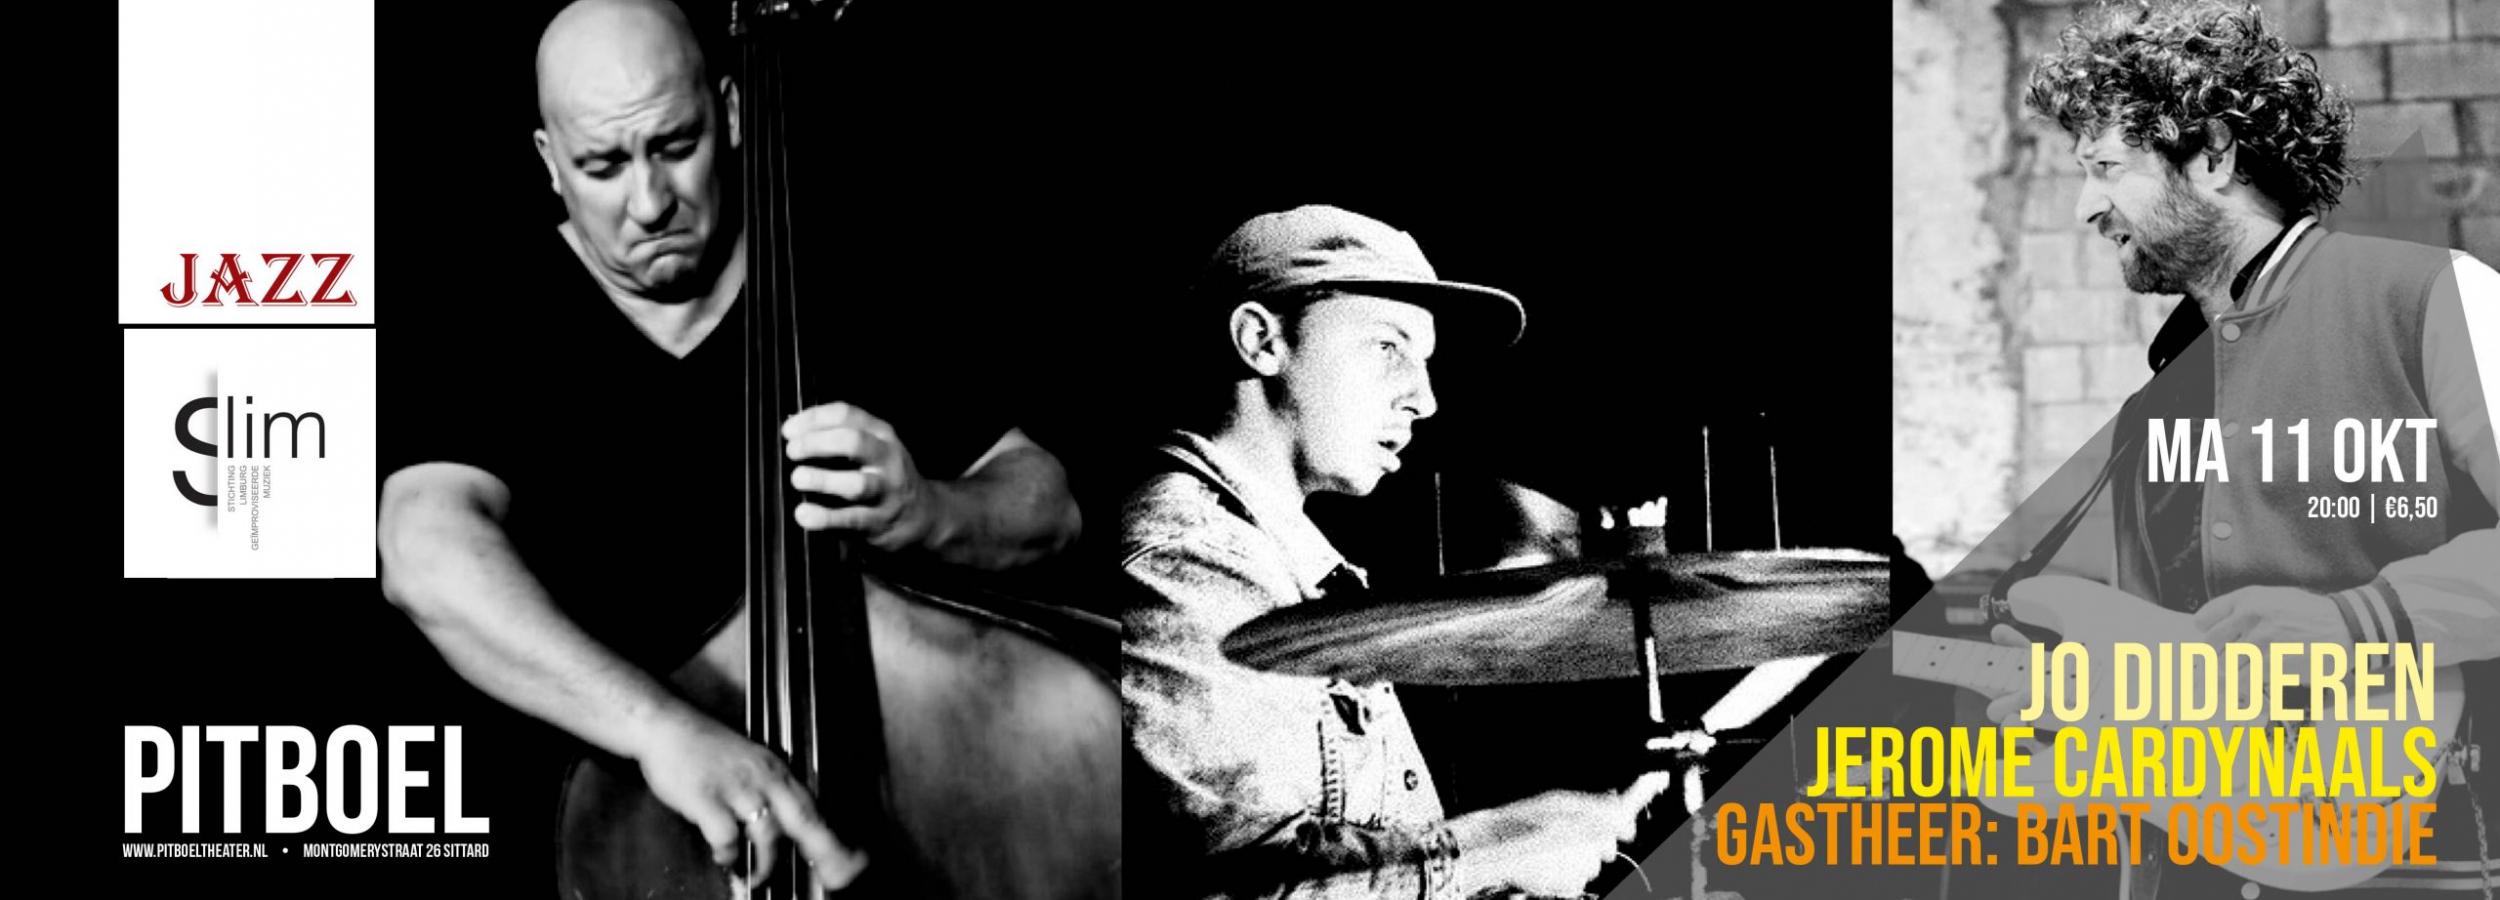 jazz in Sittard 11 oktober 2021